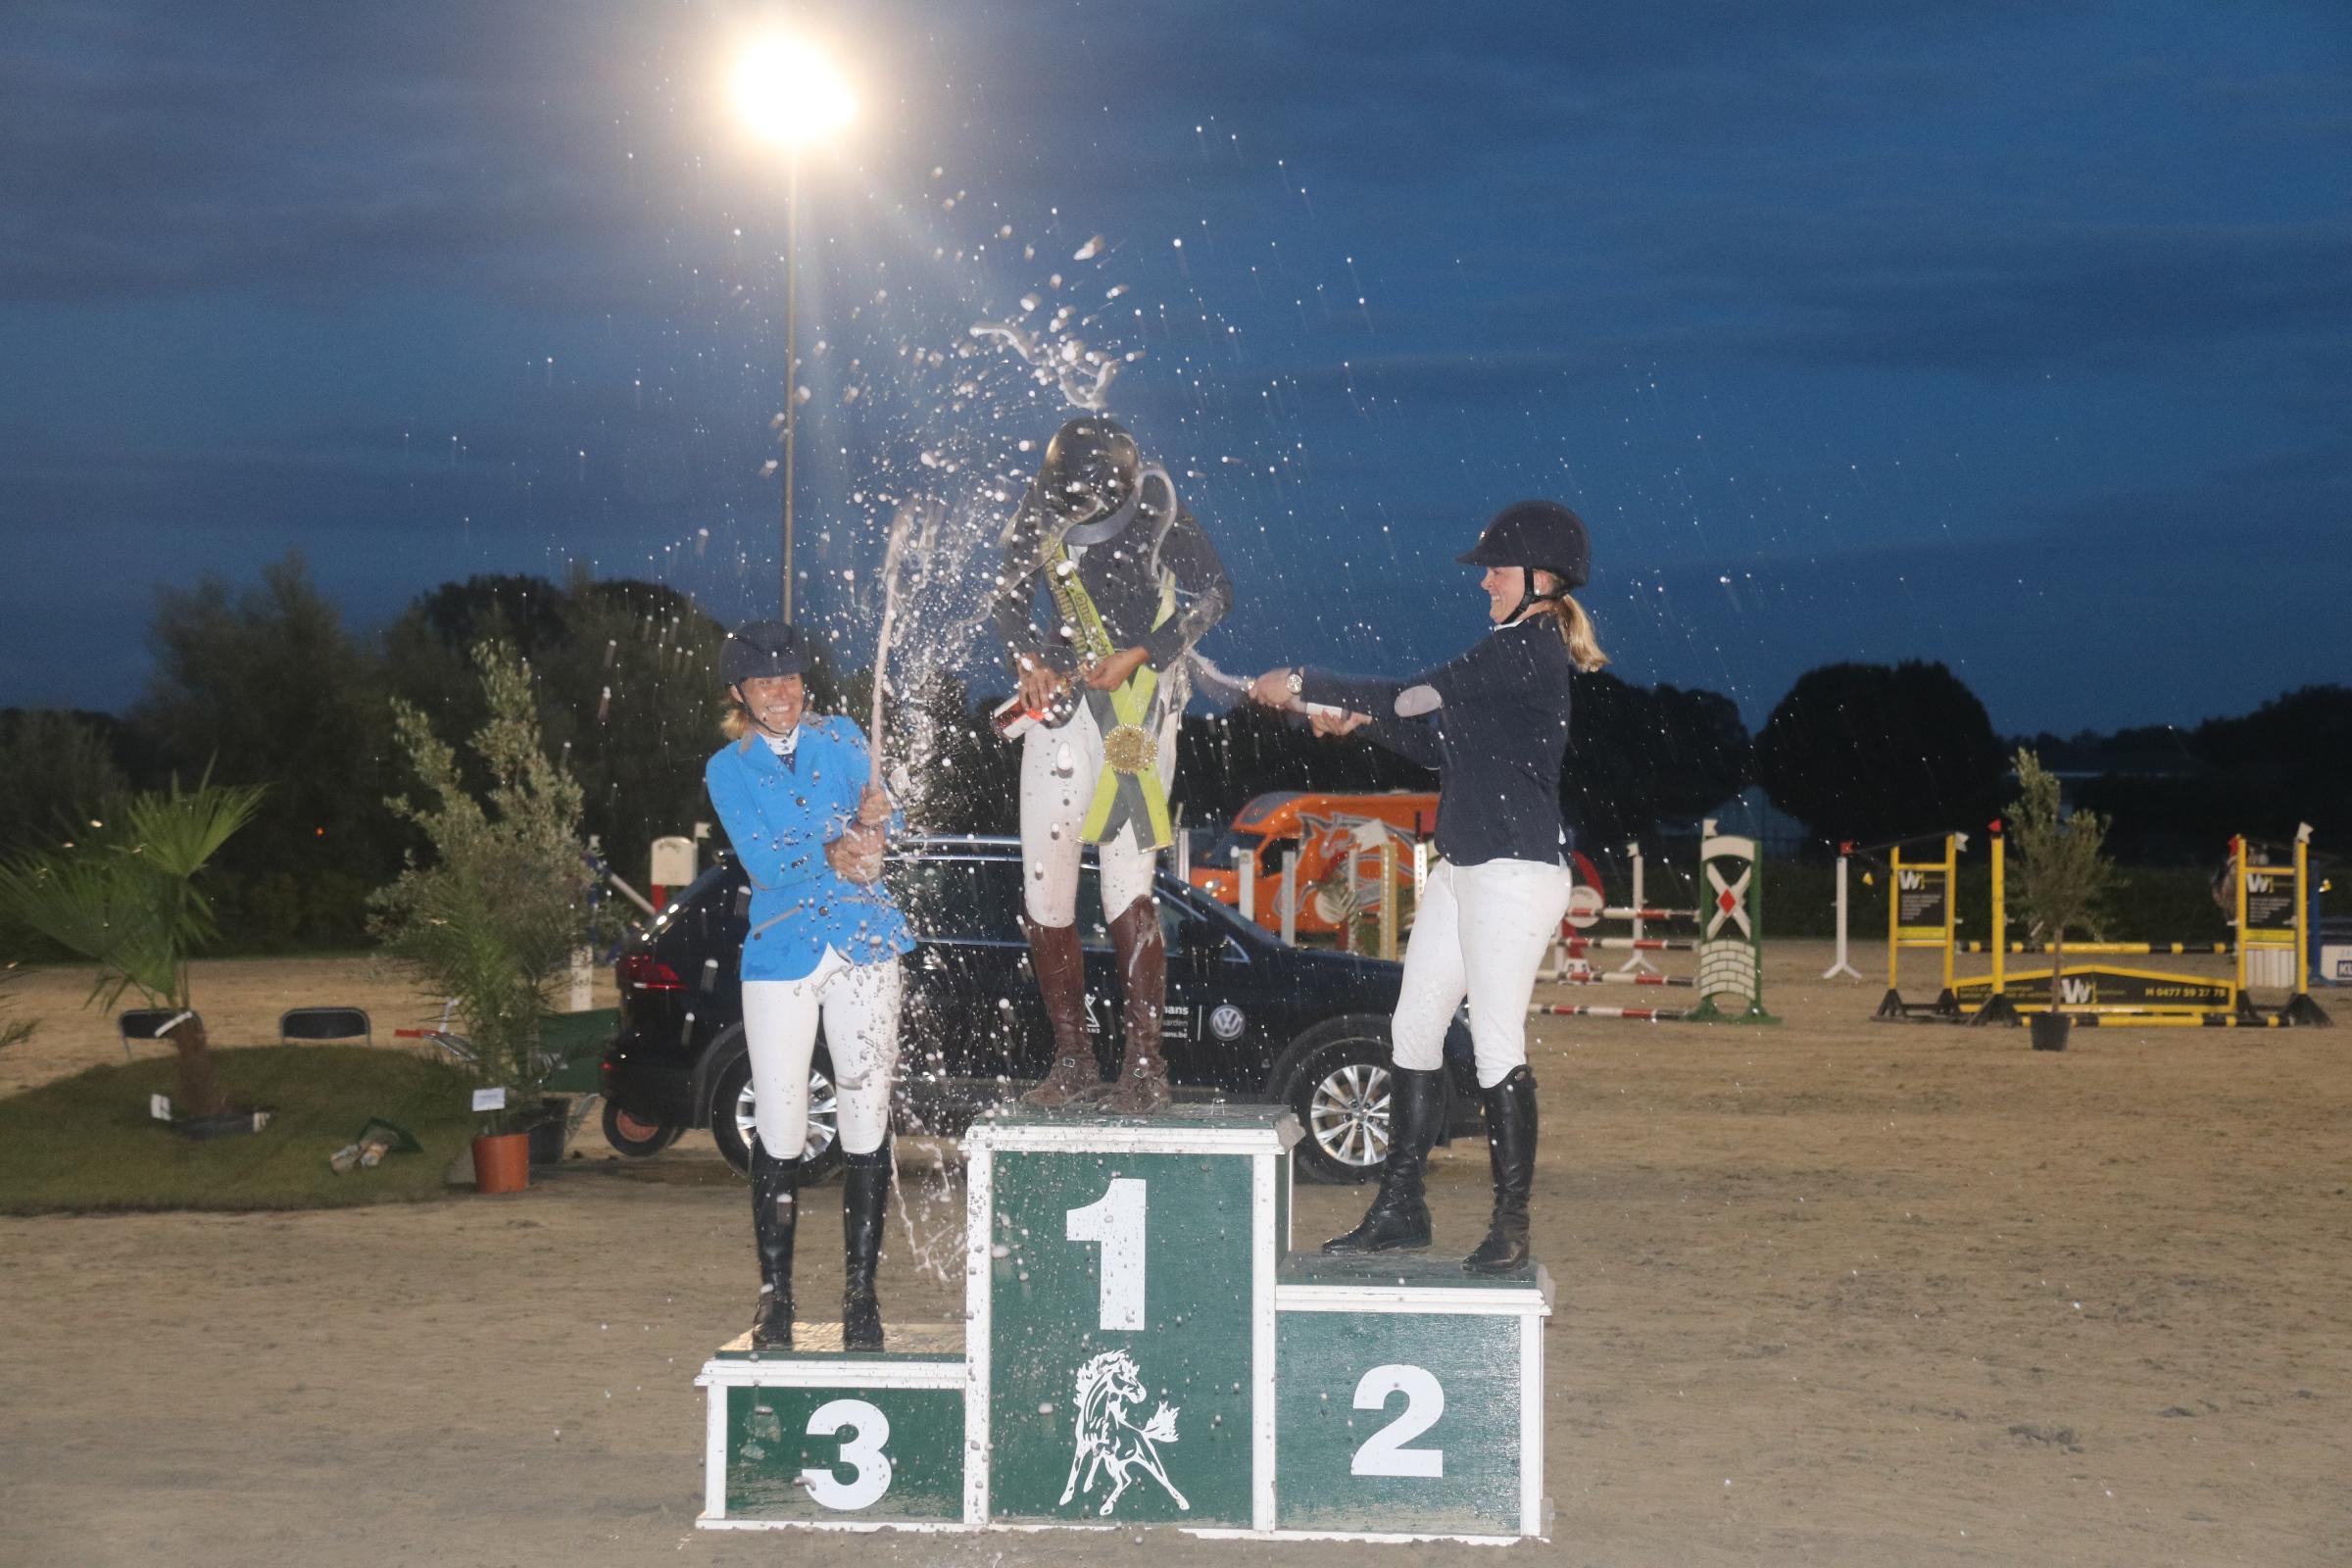 nathalie_geeraerts_ann_verdoodt_jolien_parewyck_queens_cup_horseman_17.jpg_2.jpg